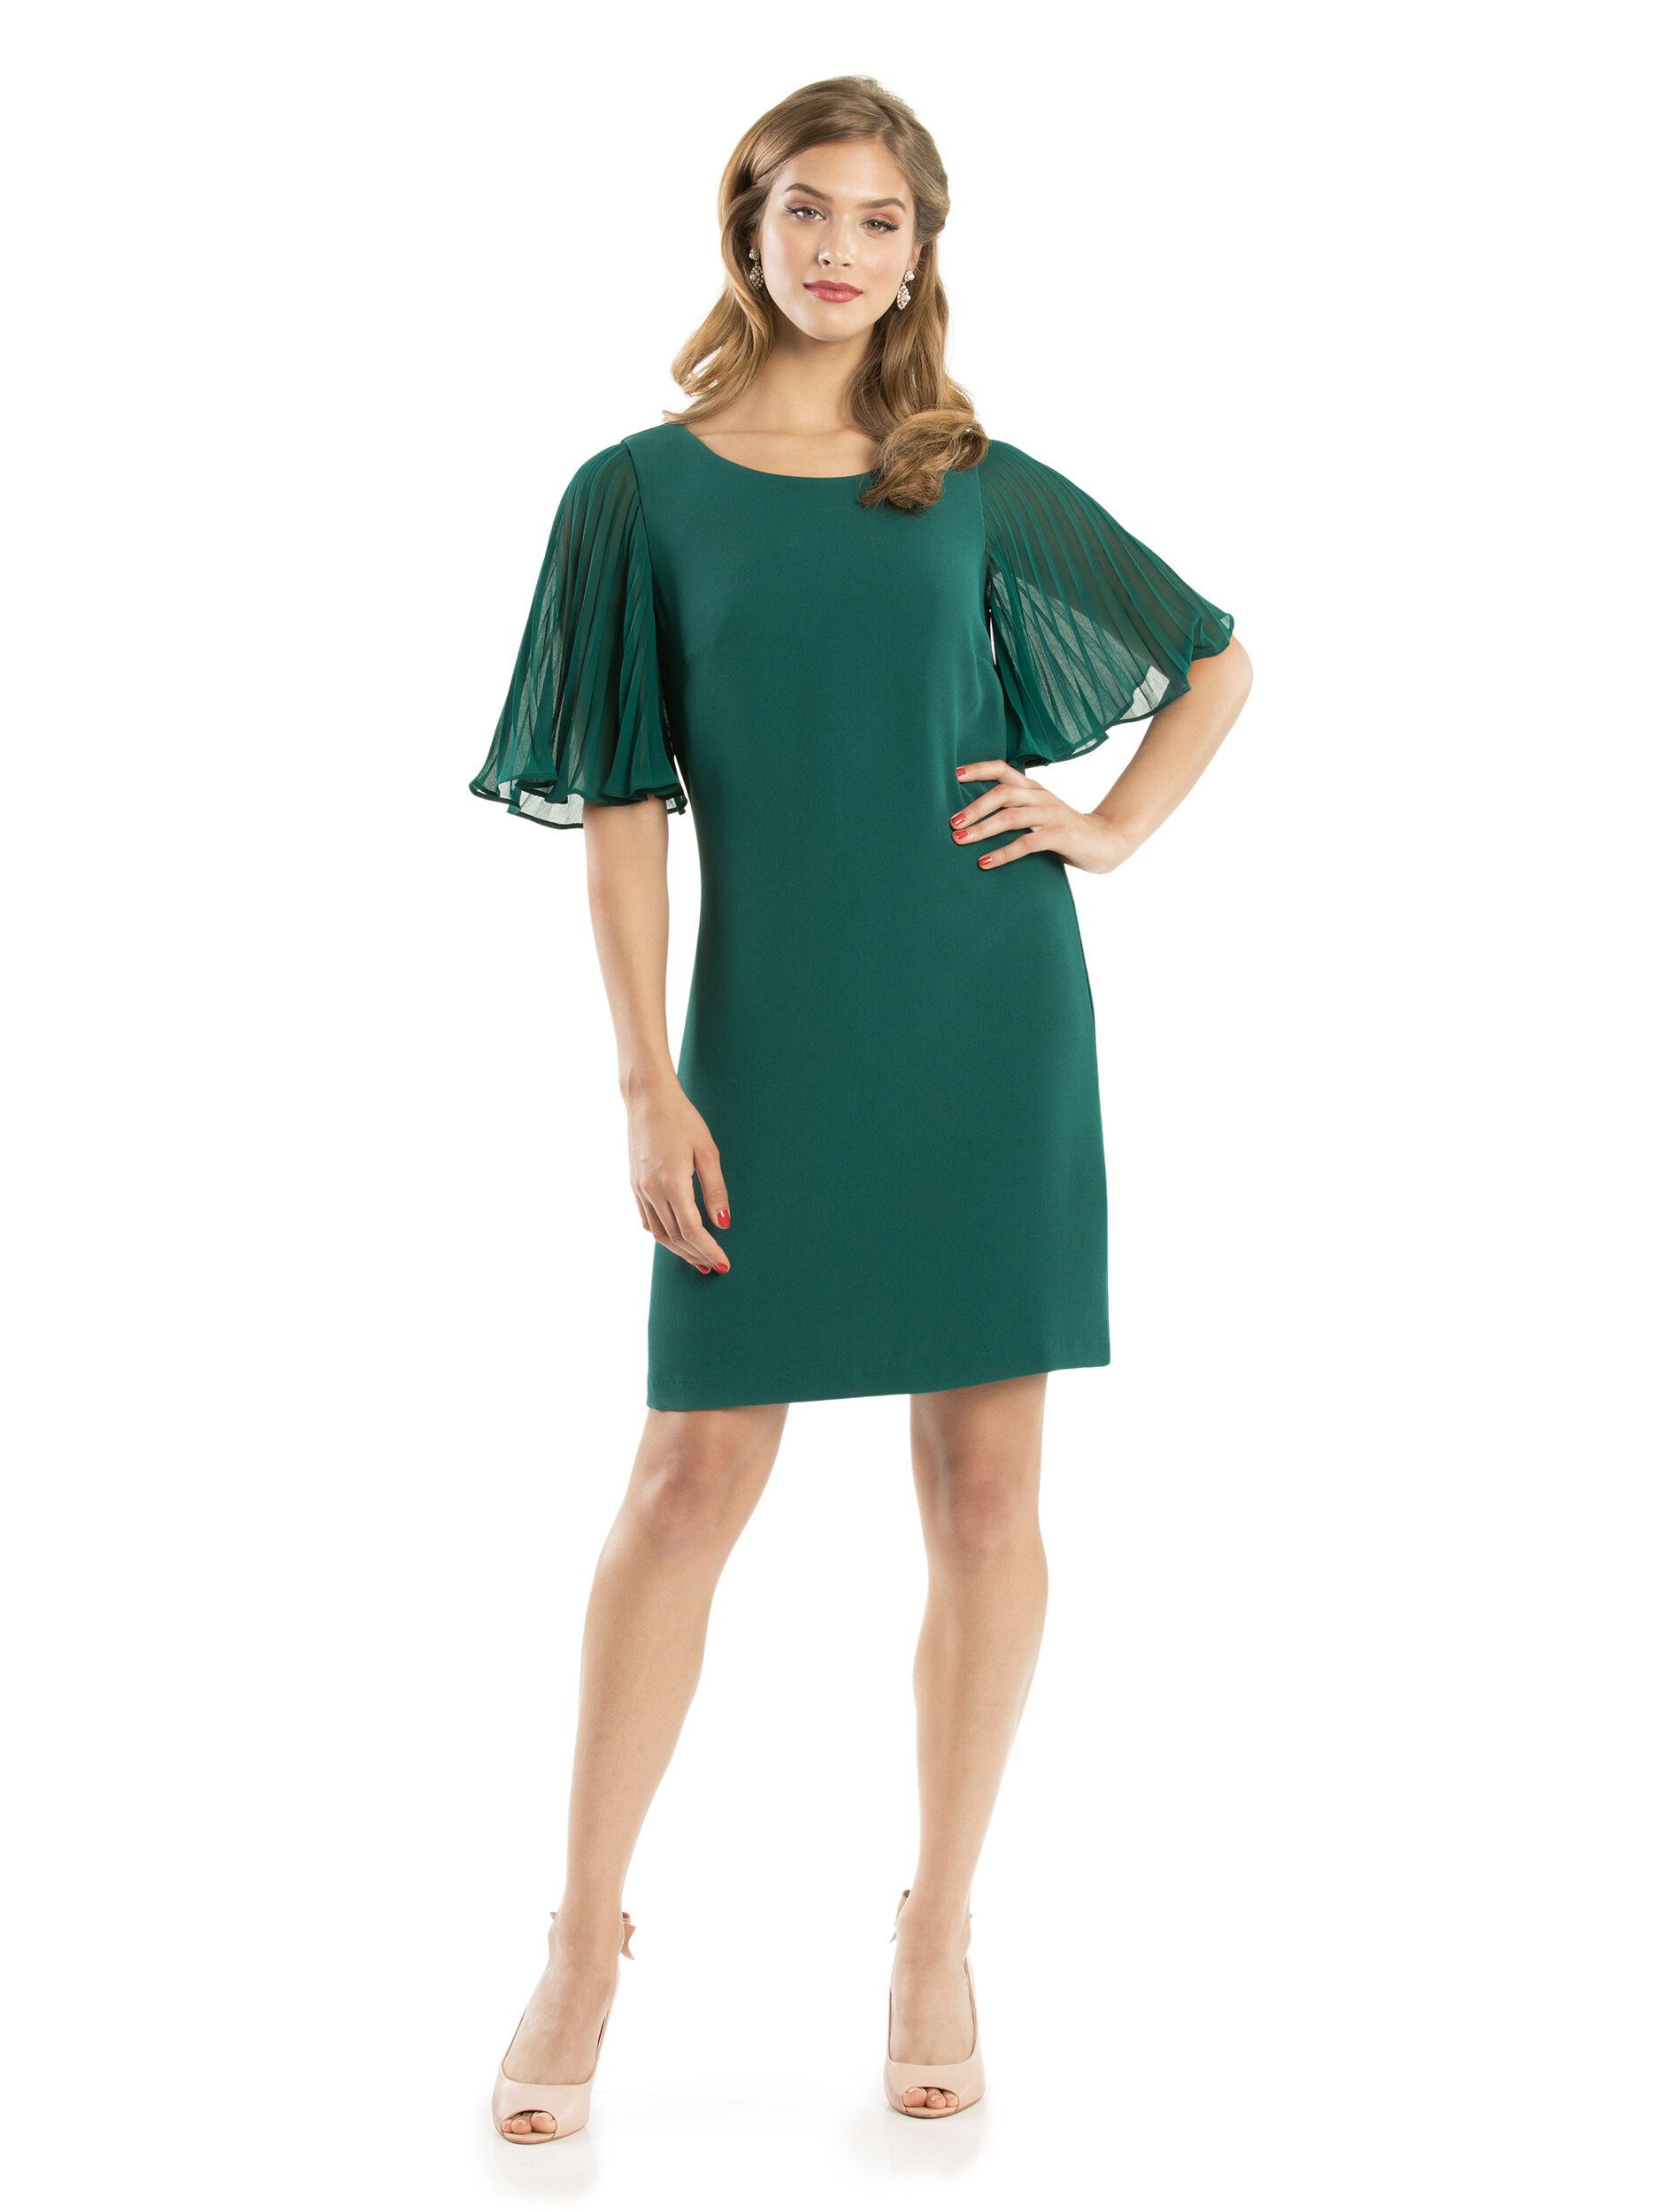 Pattie Belle Shift Dress